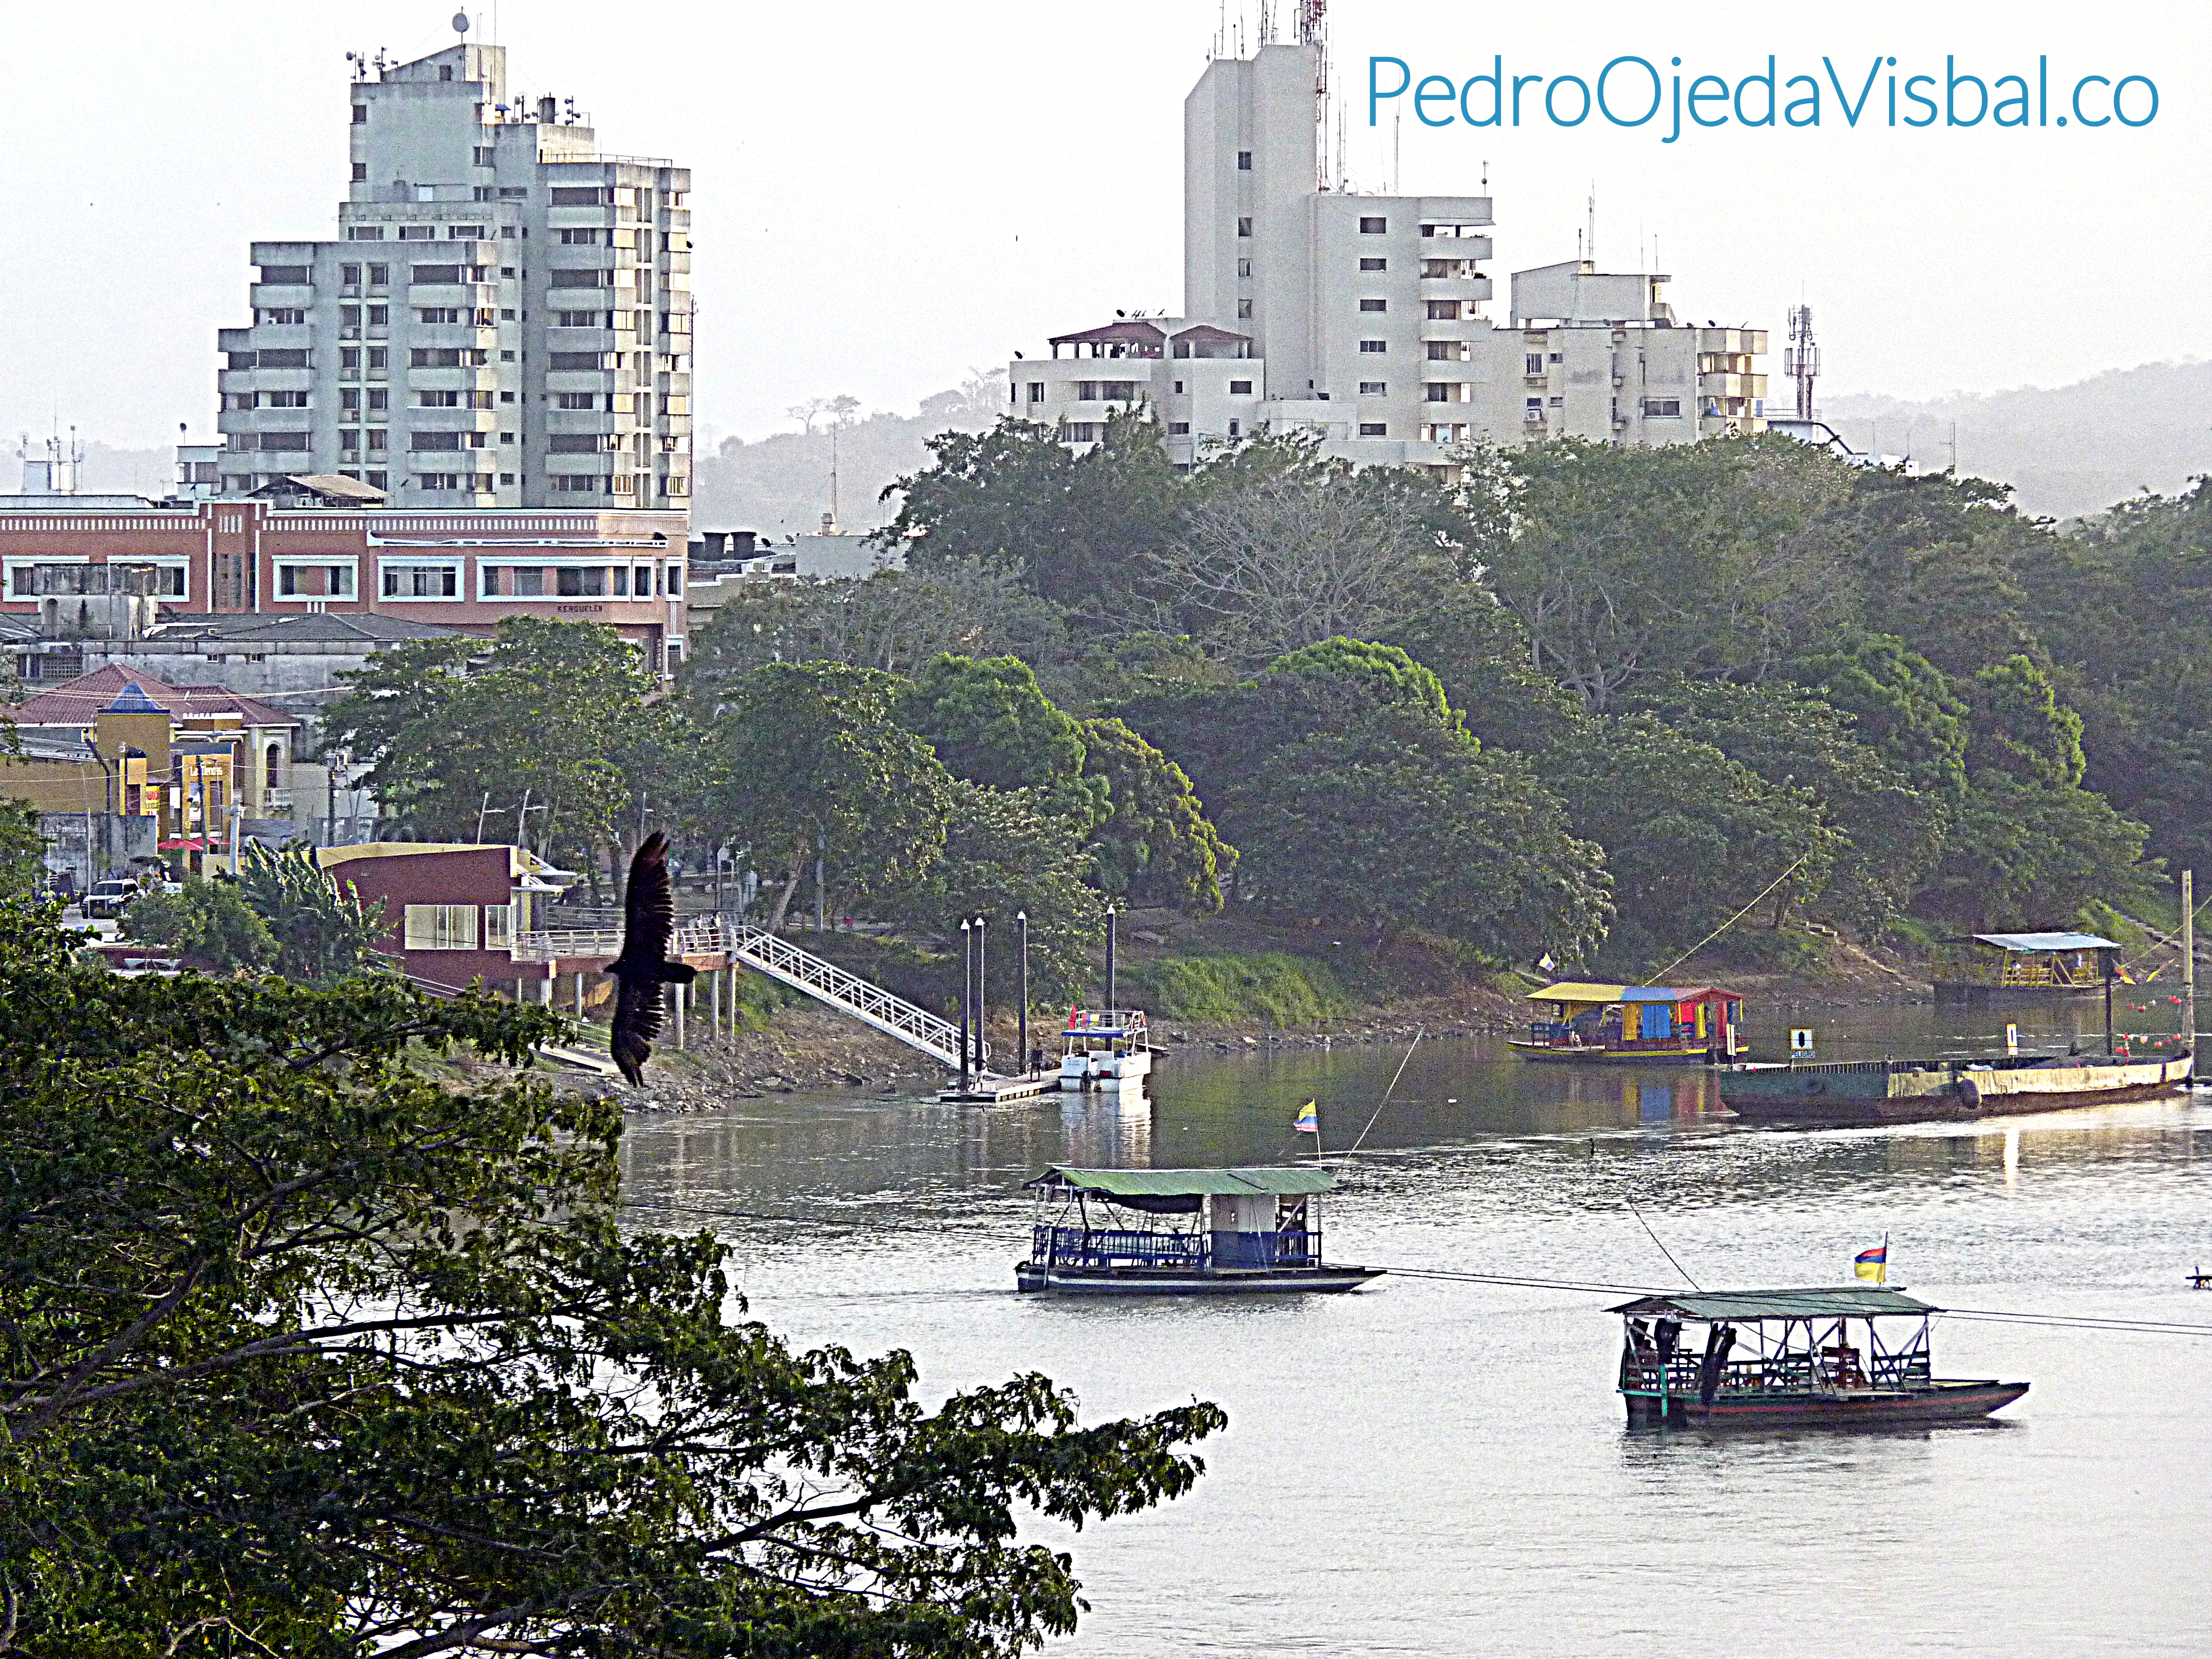 Córdoba - Pedro Ojeda Visbal